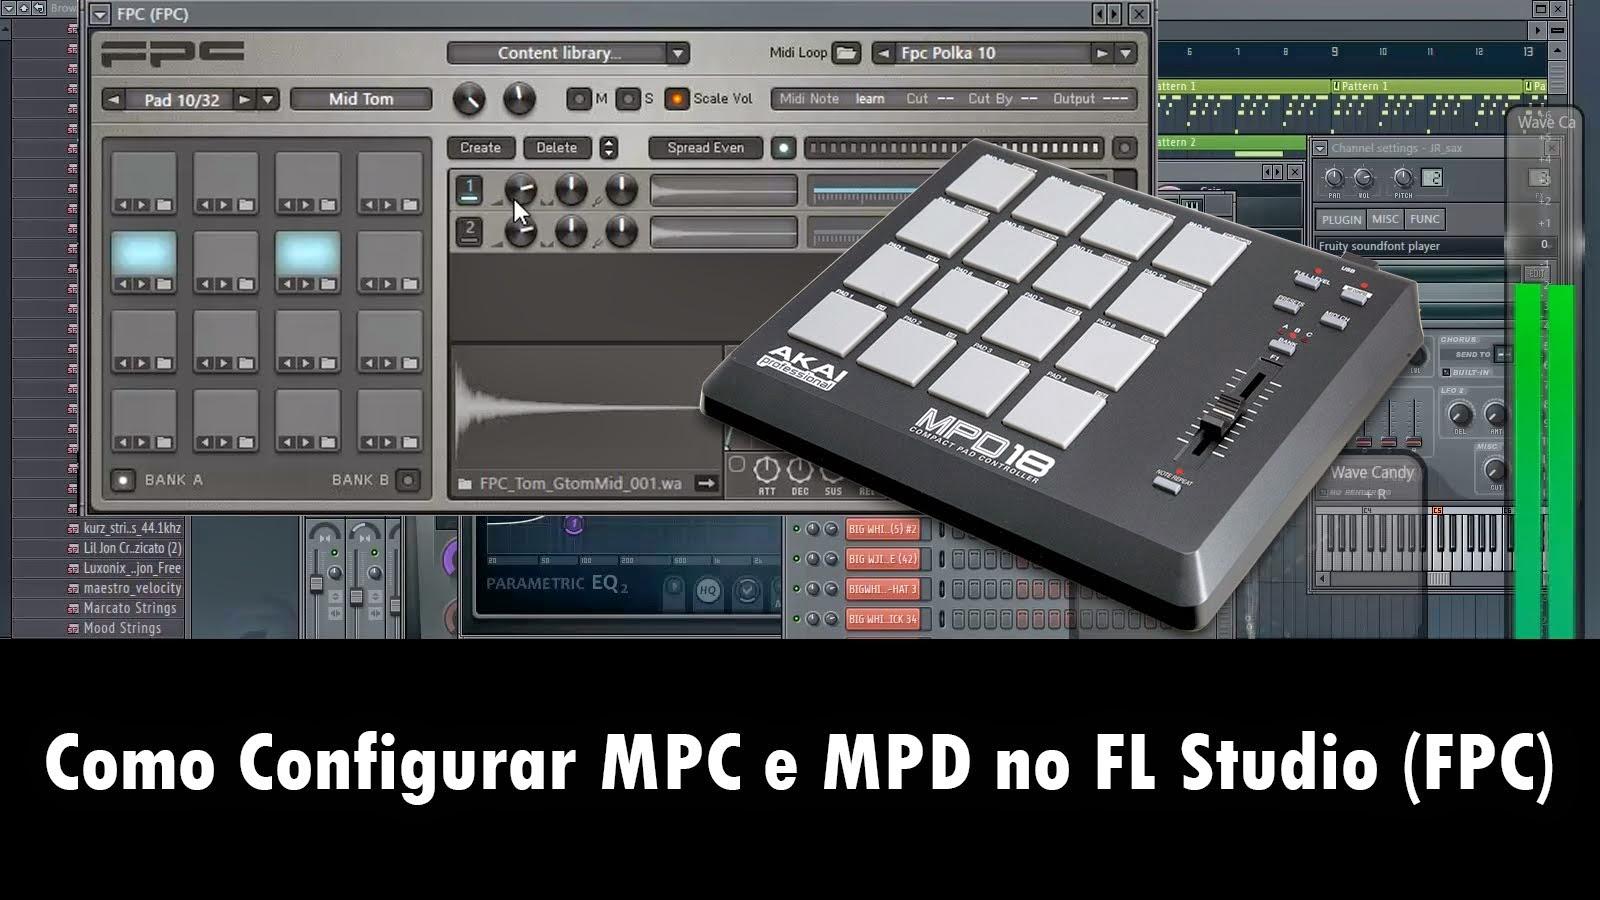 Como Configurar MPC e MPD no FL Studio (Plugin FPC)